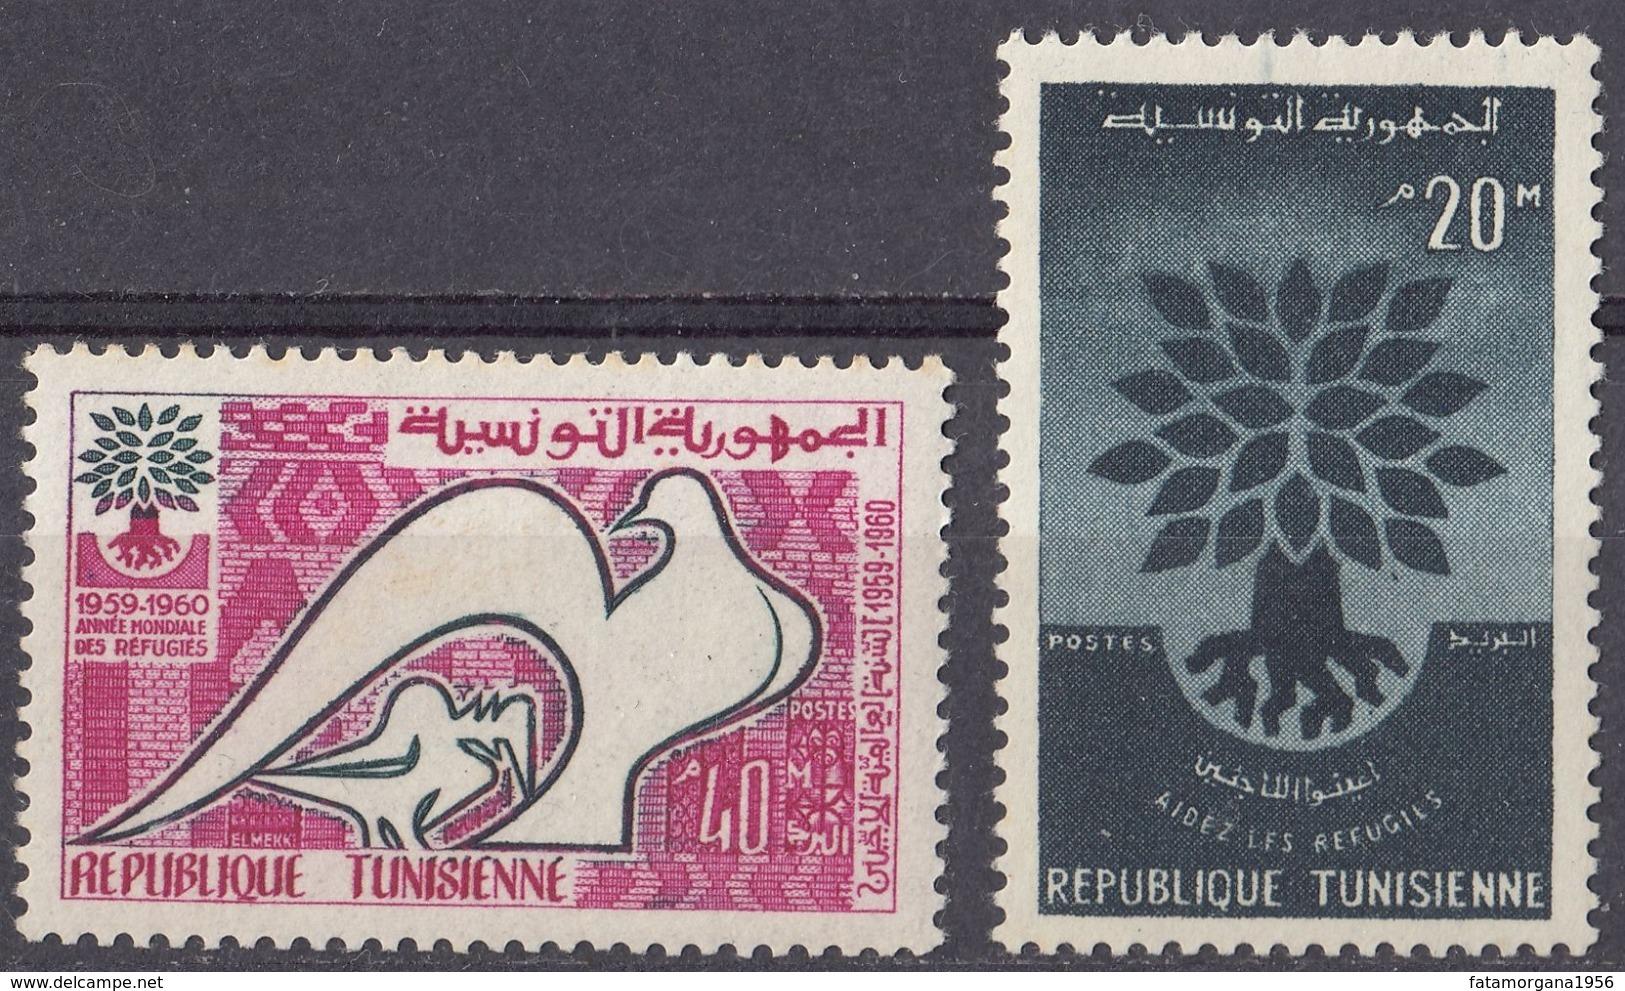 TOGO - 1960 - Serie Completa Formata Da 2 Valori Nuovi MNH: Yvert 502/503. - Tunisia (1956-...)